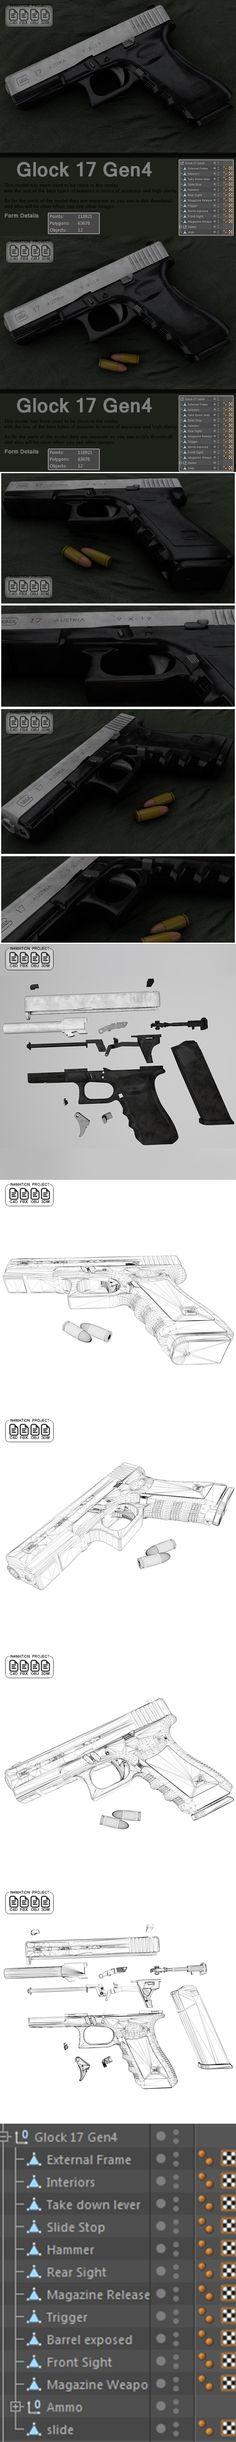 glock 17 gen 4 reference - Google Search   Glock17 Gen4   Pinterest